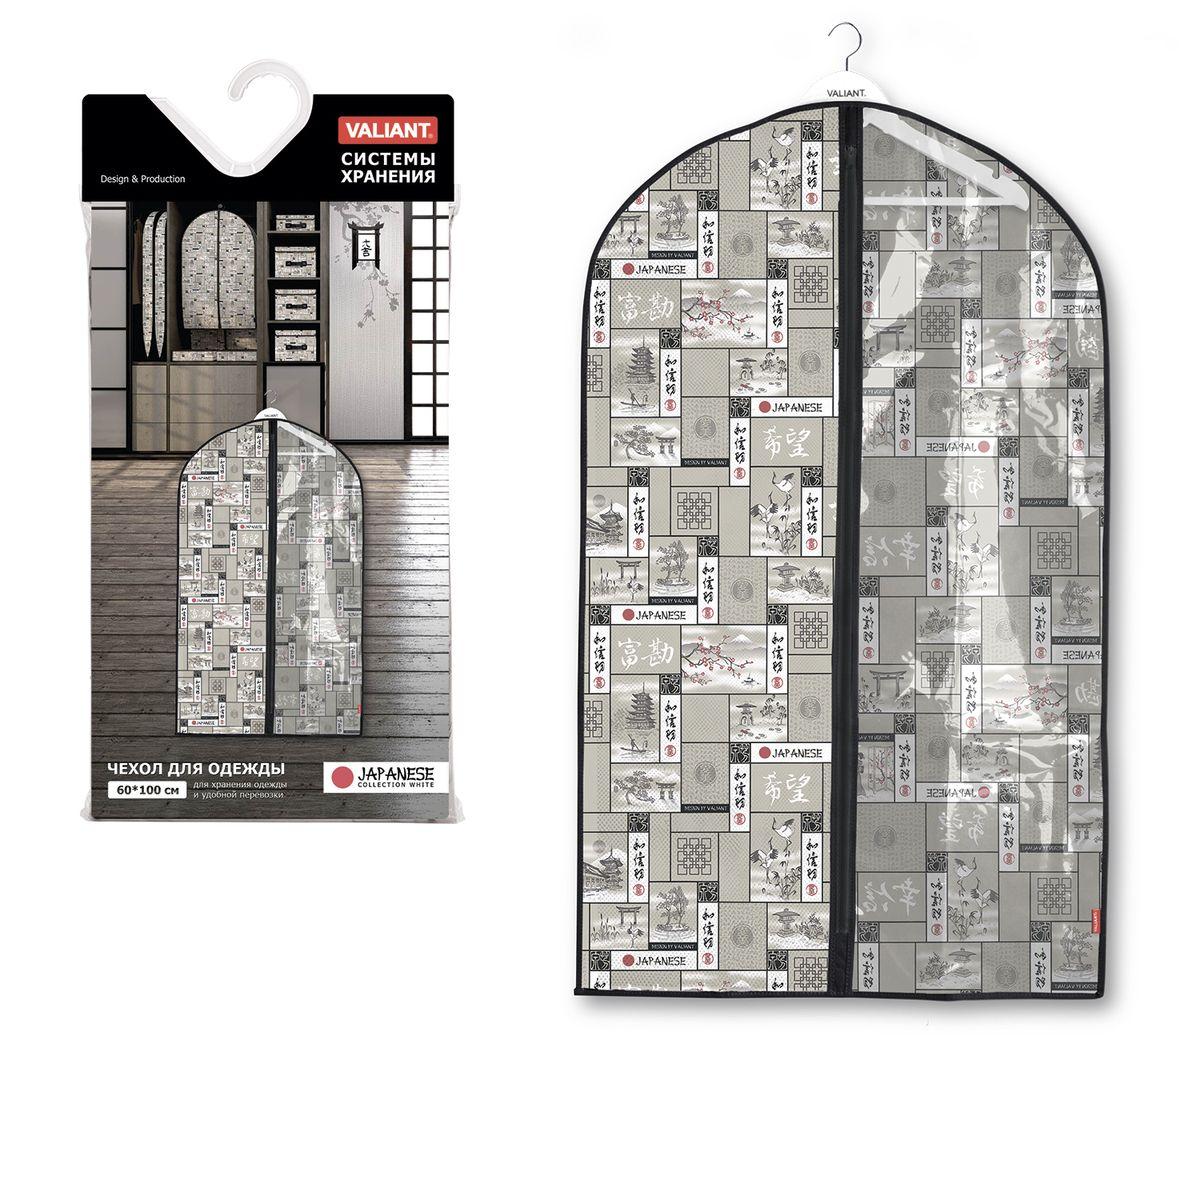 Чехол для одежды Valiant Japanese Black, с прозрачной вставкой, 60 х 100 х 10 смPARIS 75015-8C ANTIQUEЧехол для одежды Valiant Japanese Black изготовлен из высококачественного нетканого материала, который обеспечивает естественную вентиляцию, позволяя воздуху проникать внутрь, но не пропускает пыль. Чехол очень удобен в использовании. Специальная прозрачная вставка позволяет видеть содержимое внутри чехла, не открывая его. Чехол легко открывается и закрывается застежкой-молнией. Идеально подойдет для хранения одежды и удобной перевозки.